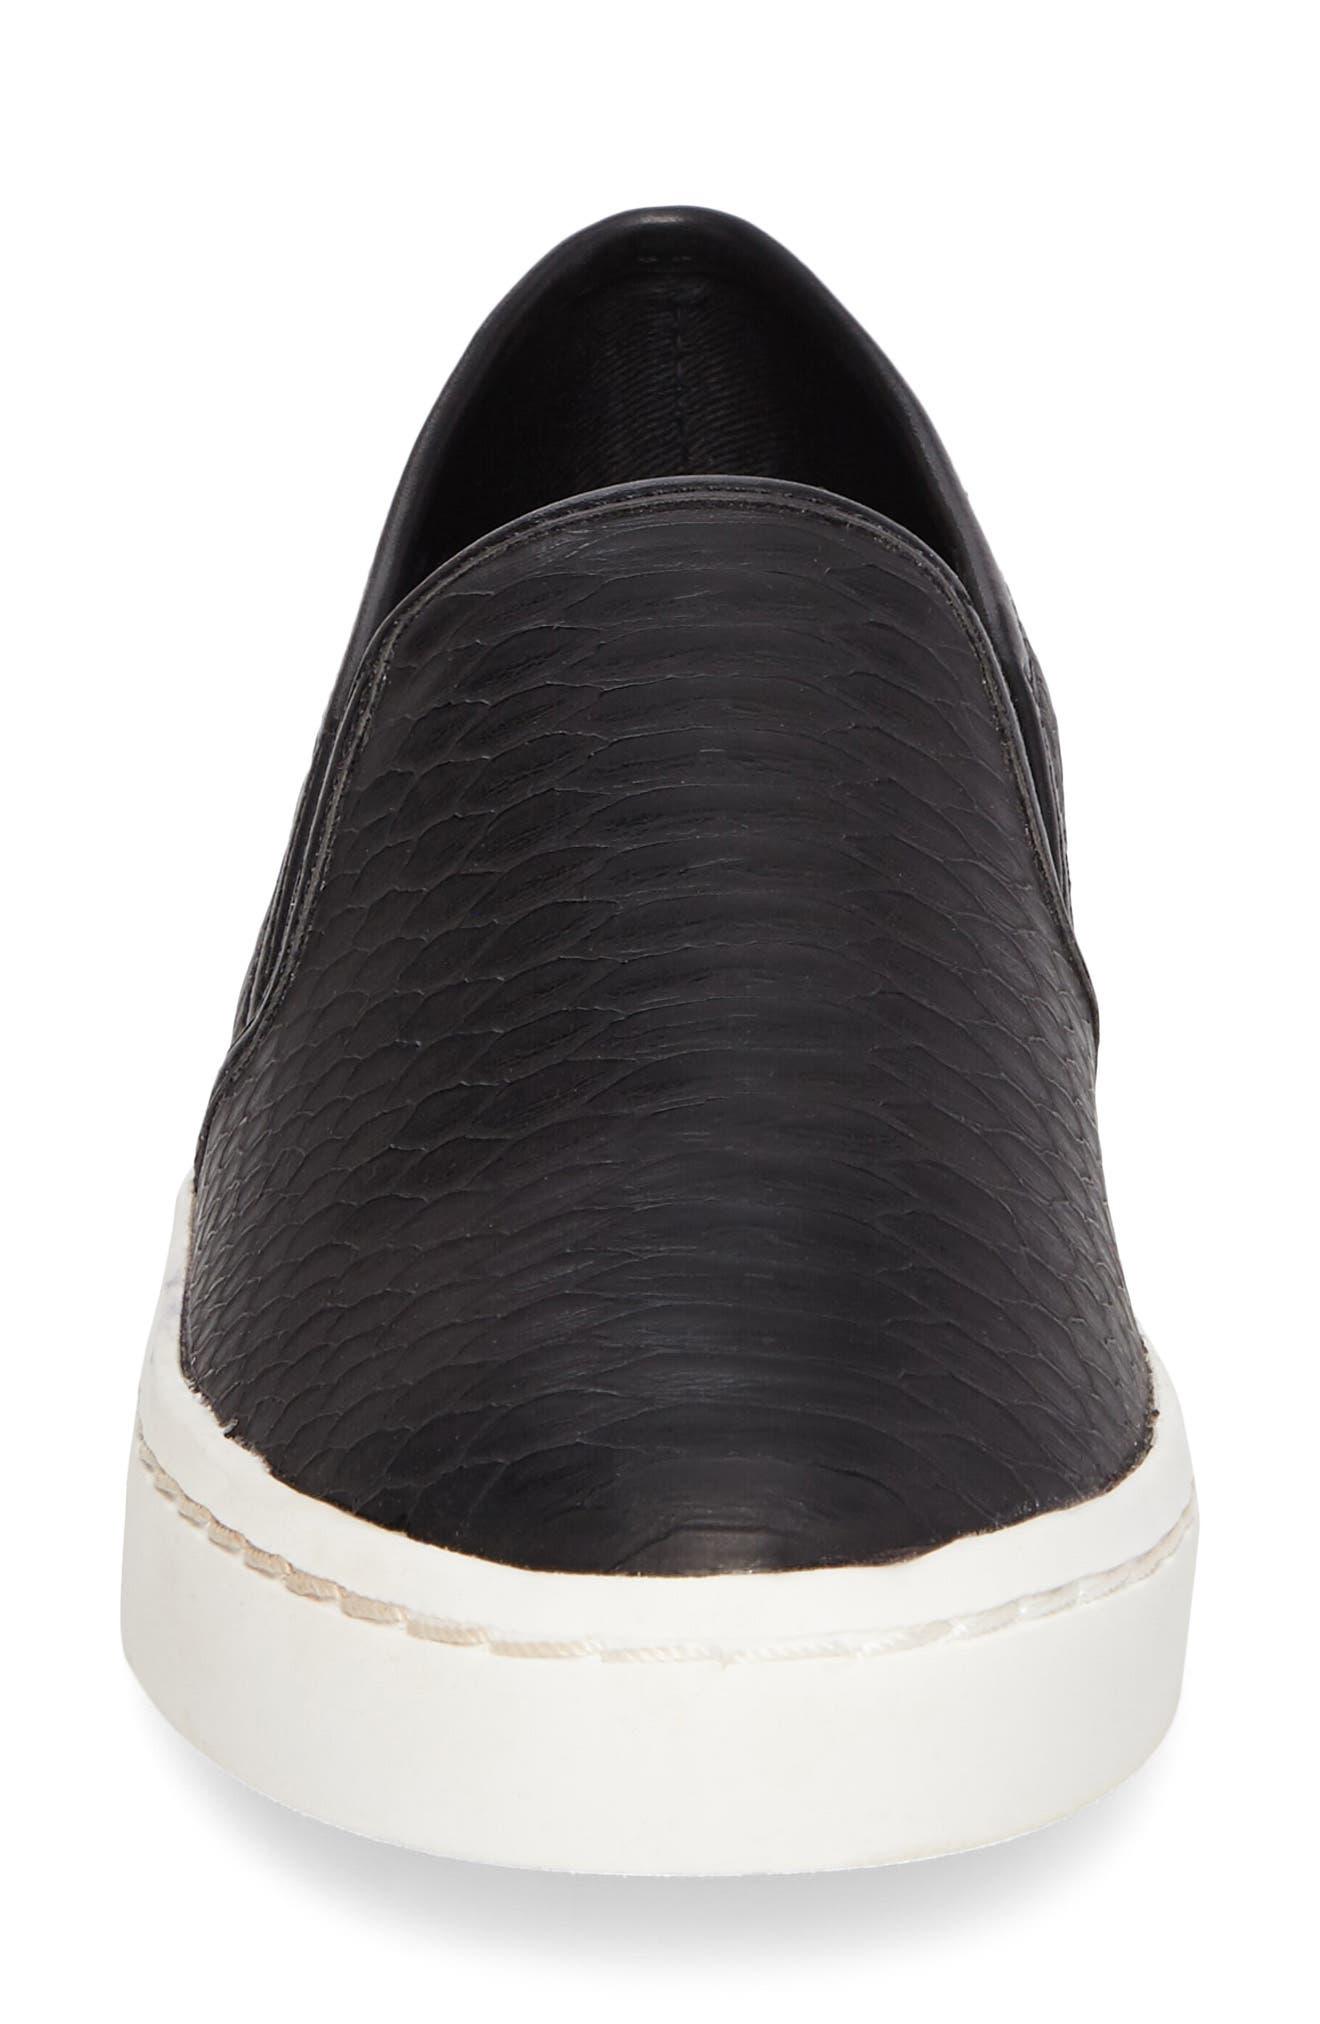 Alternate Image 4  - BP. 'Twiny' Slip-On Sneaker (Women)